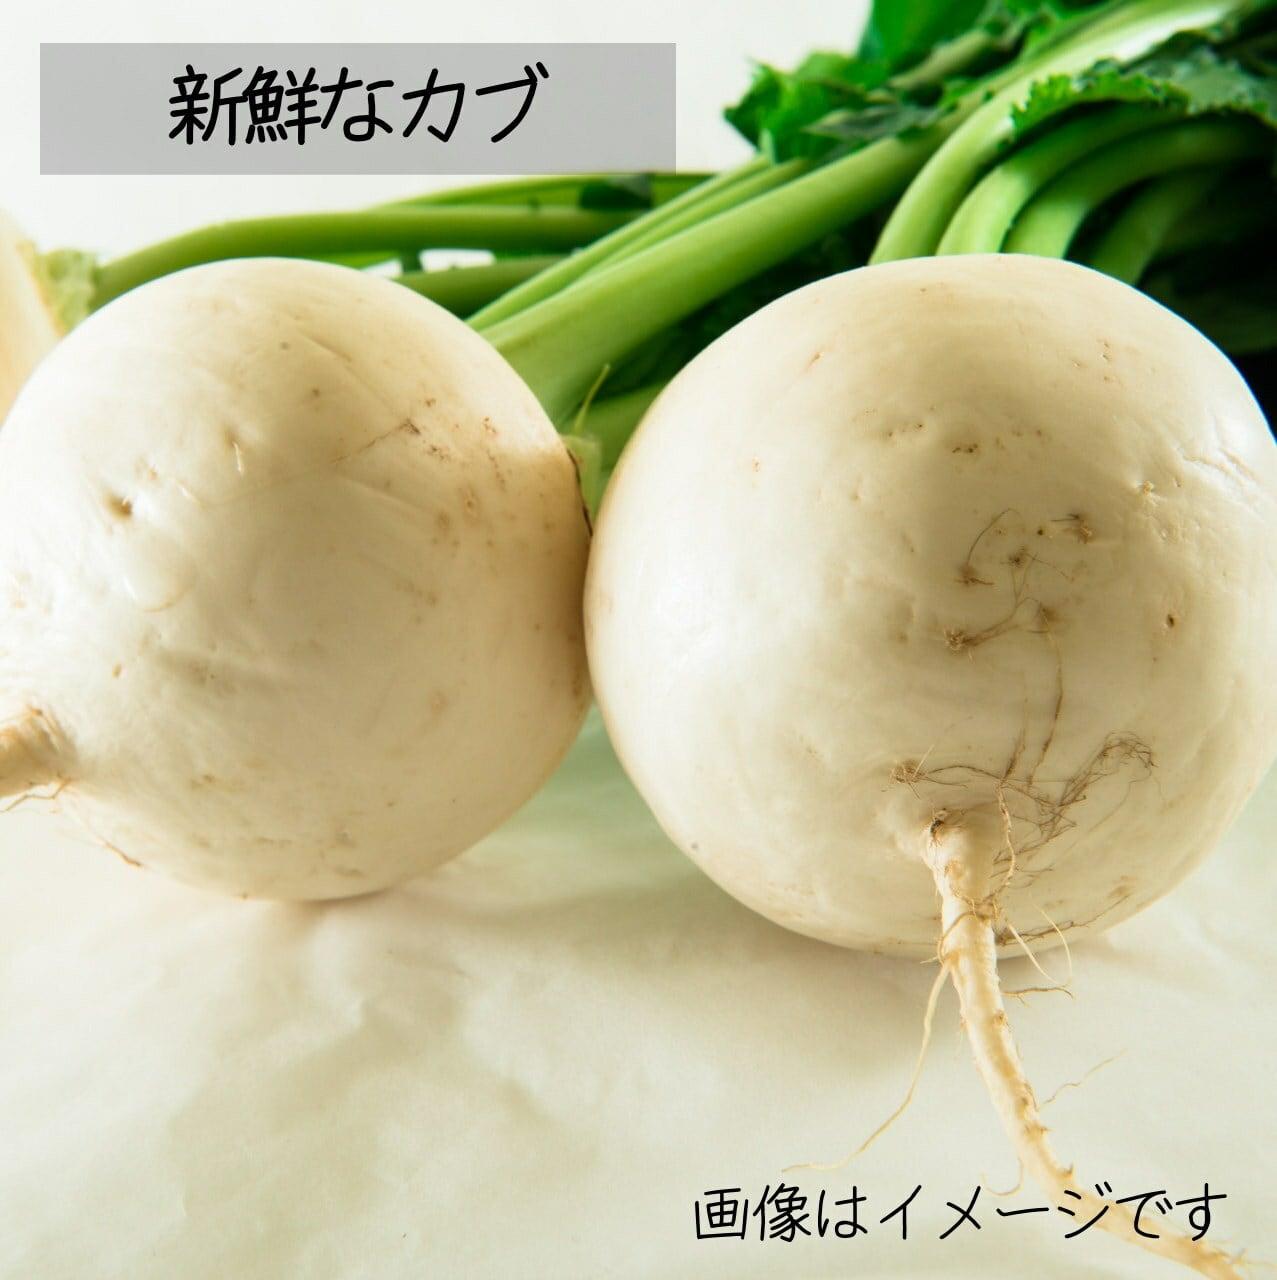 11月の朝採り直売野菜 : カブ 約3~4個  新鮮な冬野菜 11月21日発送予定